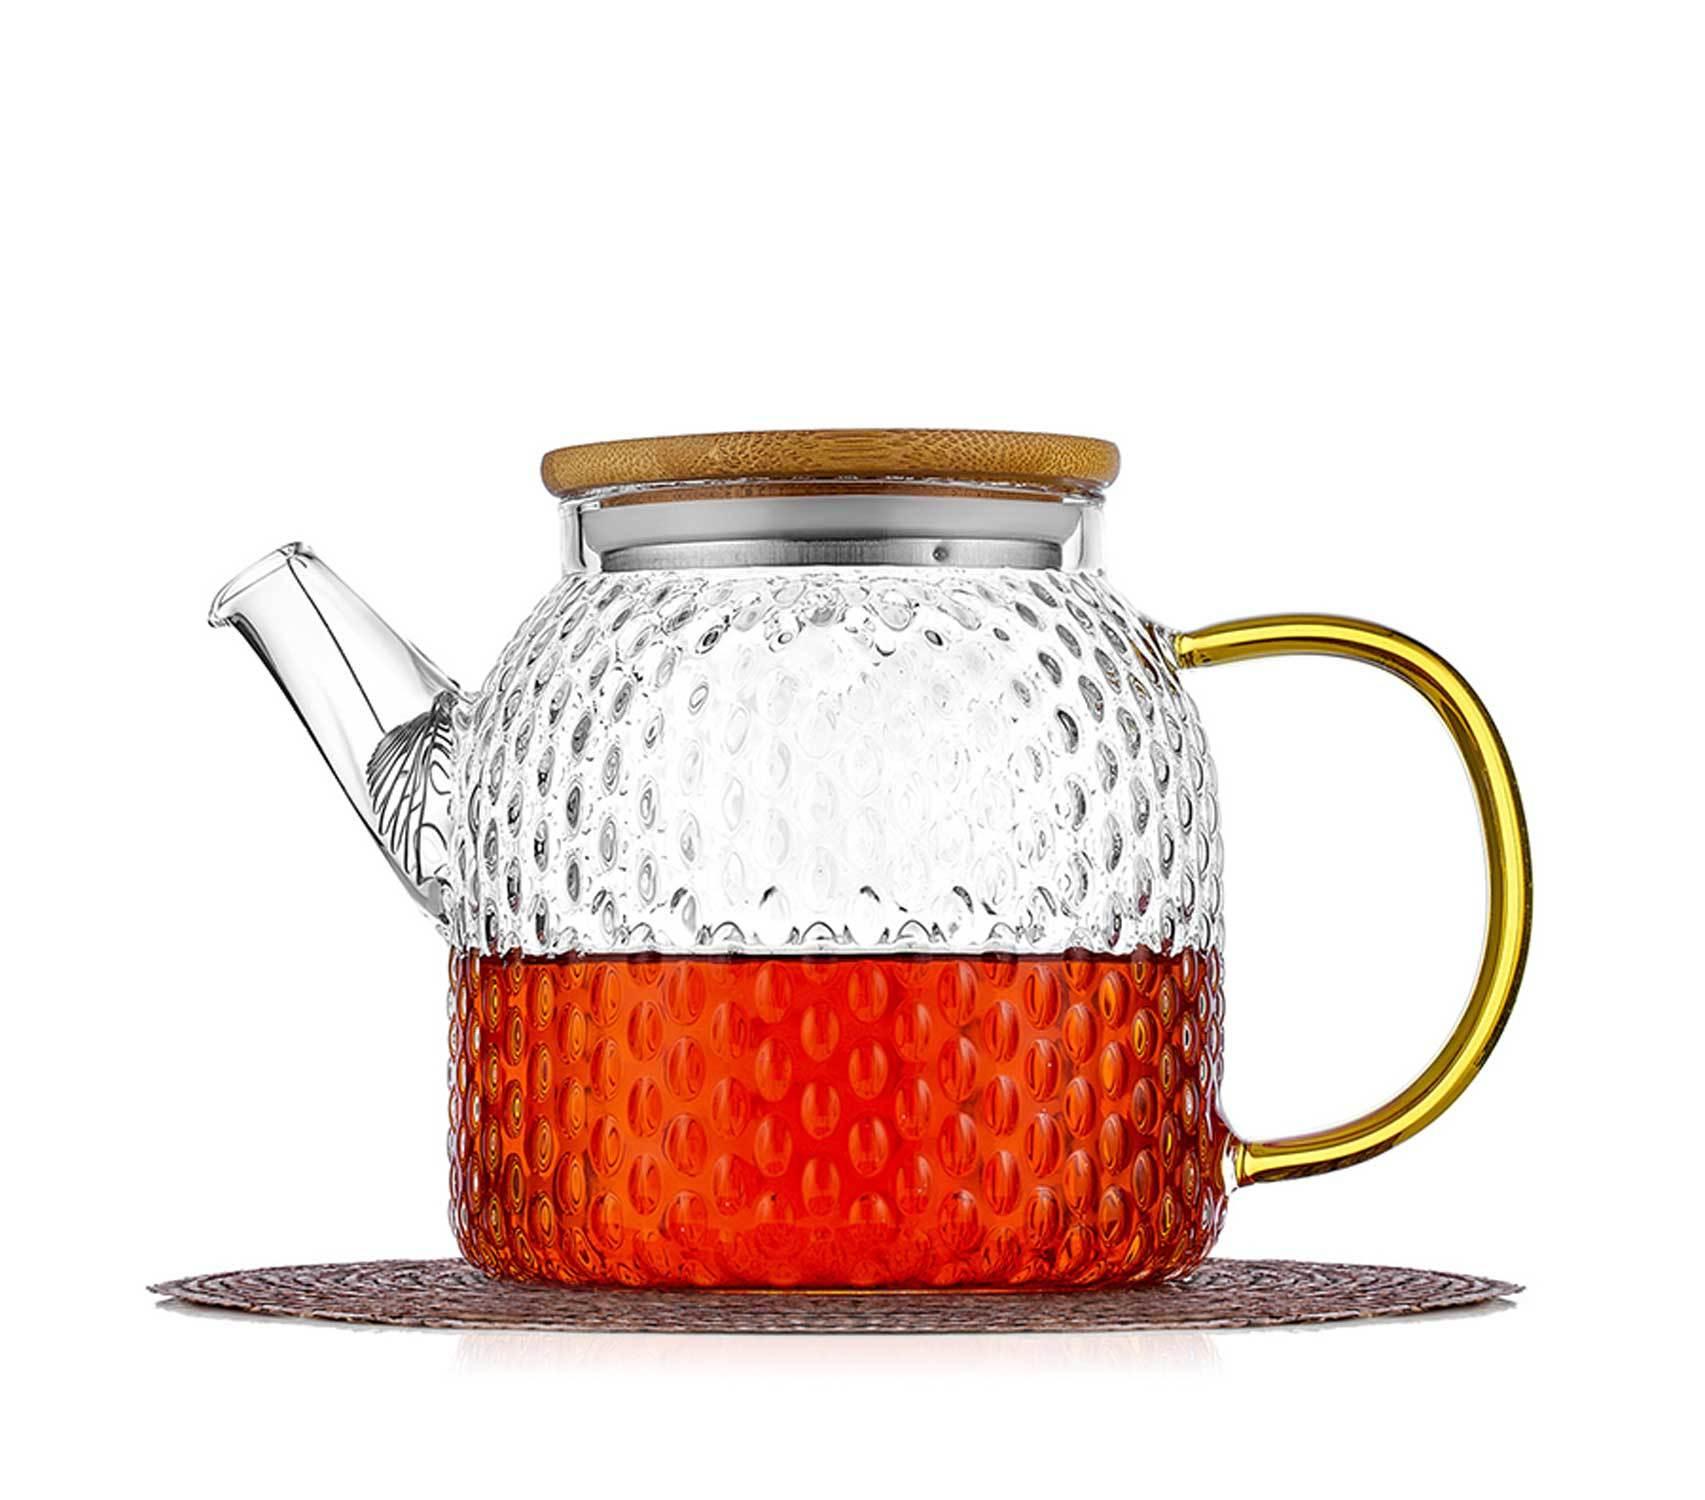 """Чайники Бамбук Чайник стеклянный заварочный с бамбуковой крышкой """"Меркурий"""", 800 мл chaynik_zavarochniy_Mercury_Glaffe_800ml-teastar.jpg"""